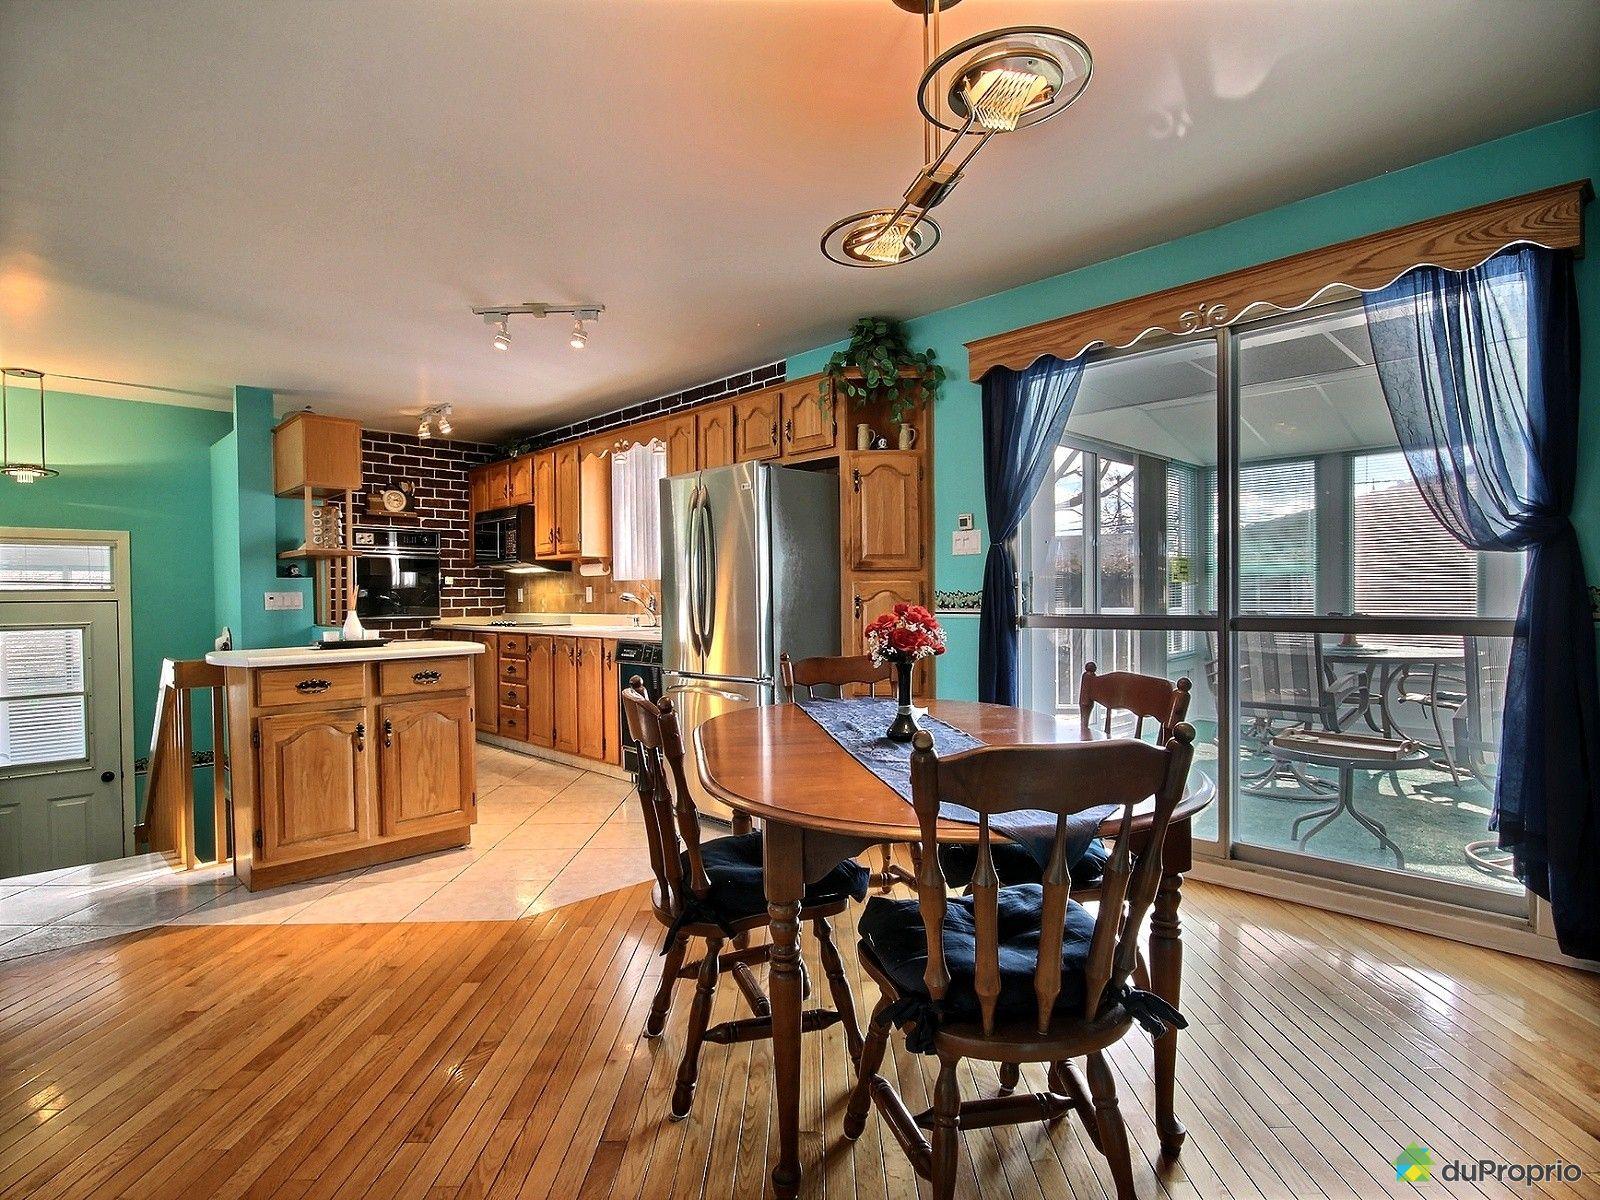 Maison vendre st jean sur richelieu 810 rue coloniale immobilier qu bec duproprio 683804 for Salle a manger jean